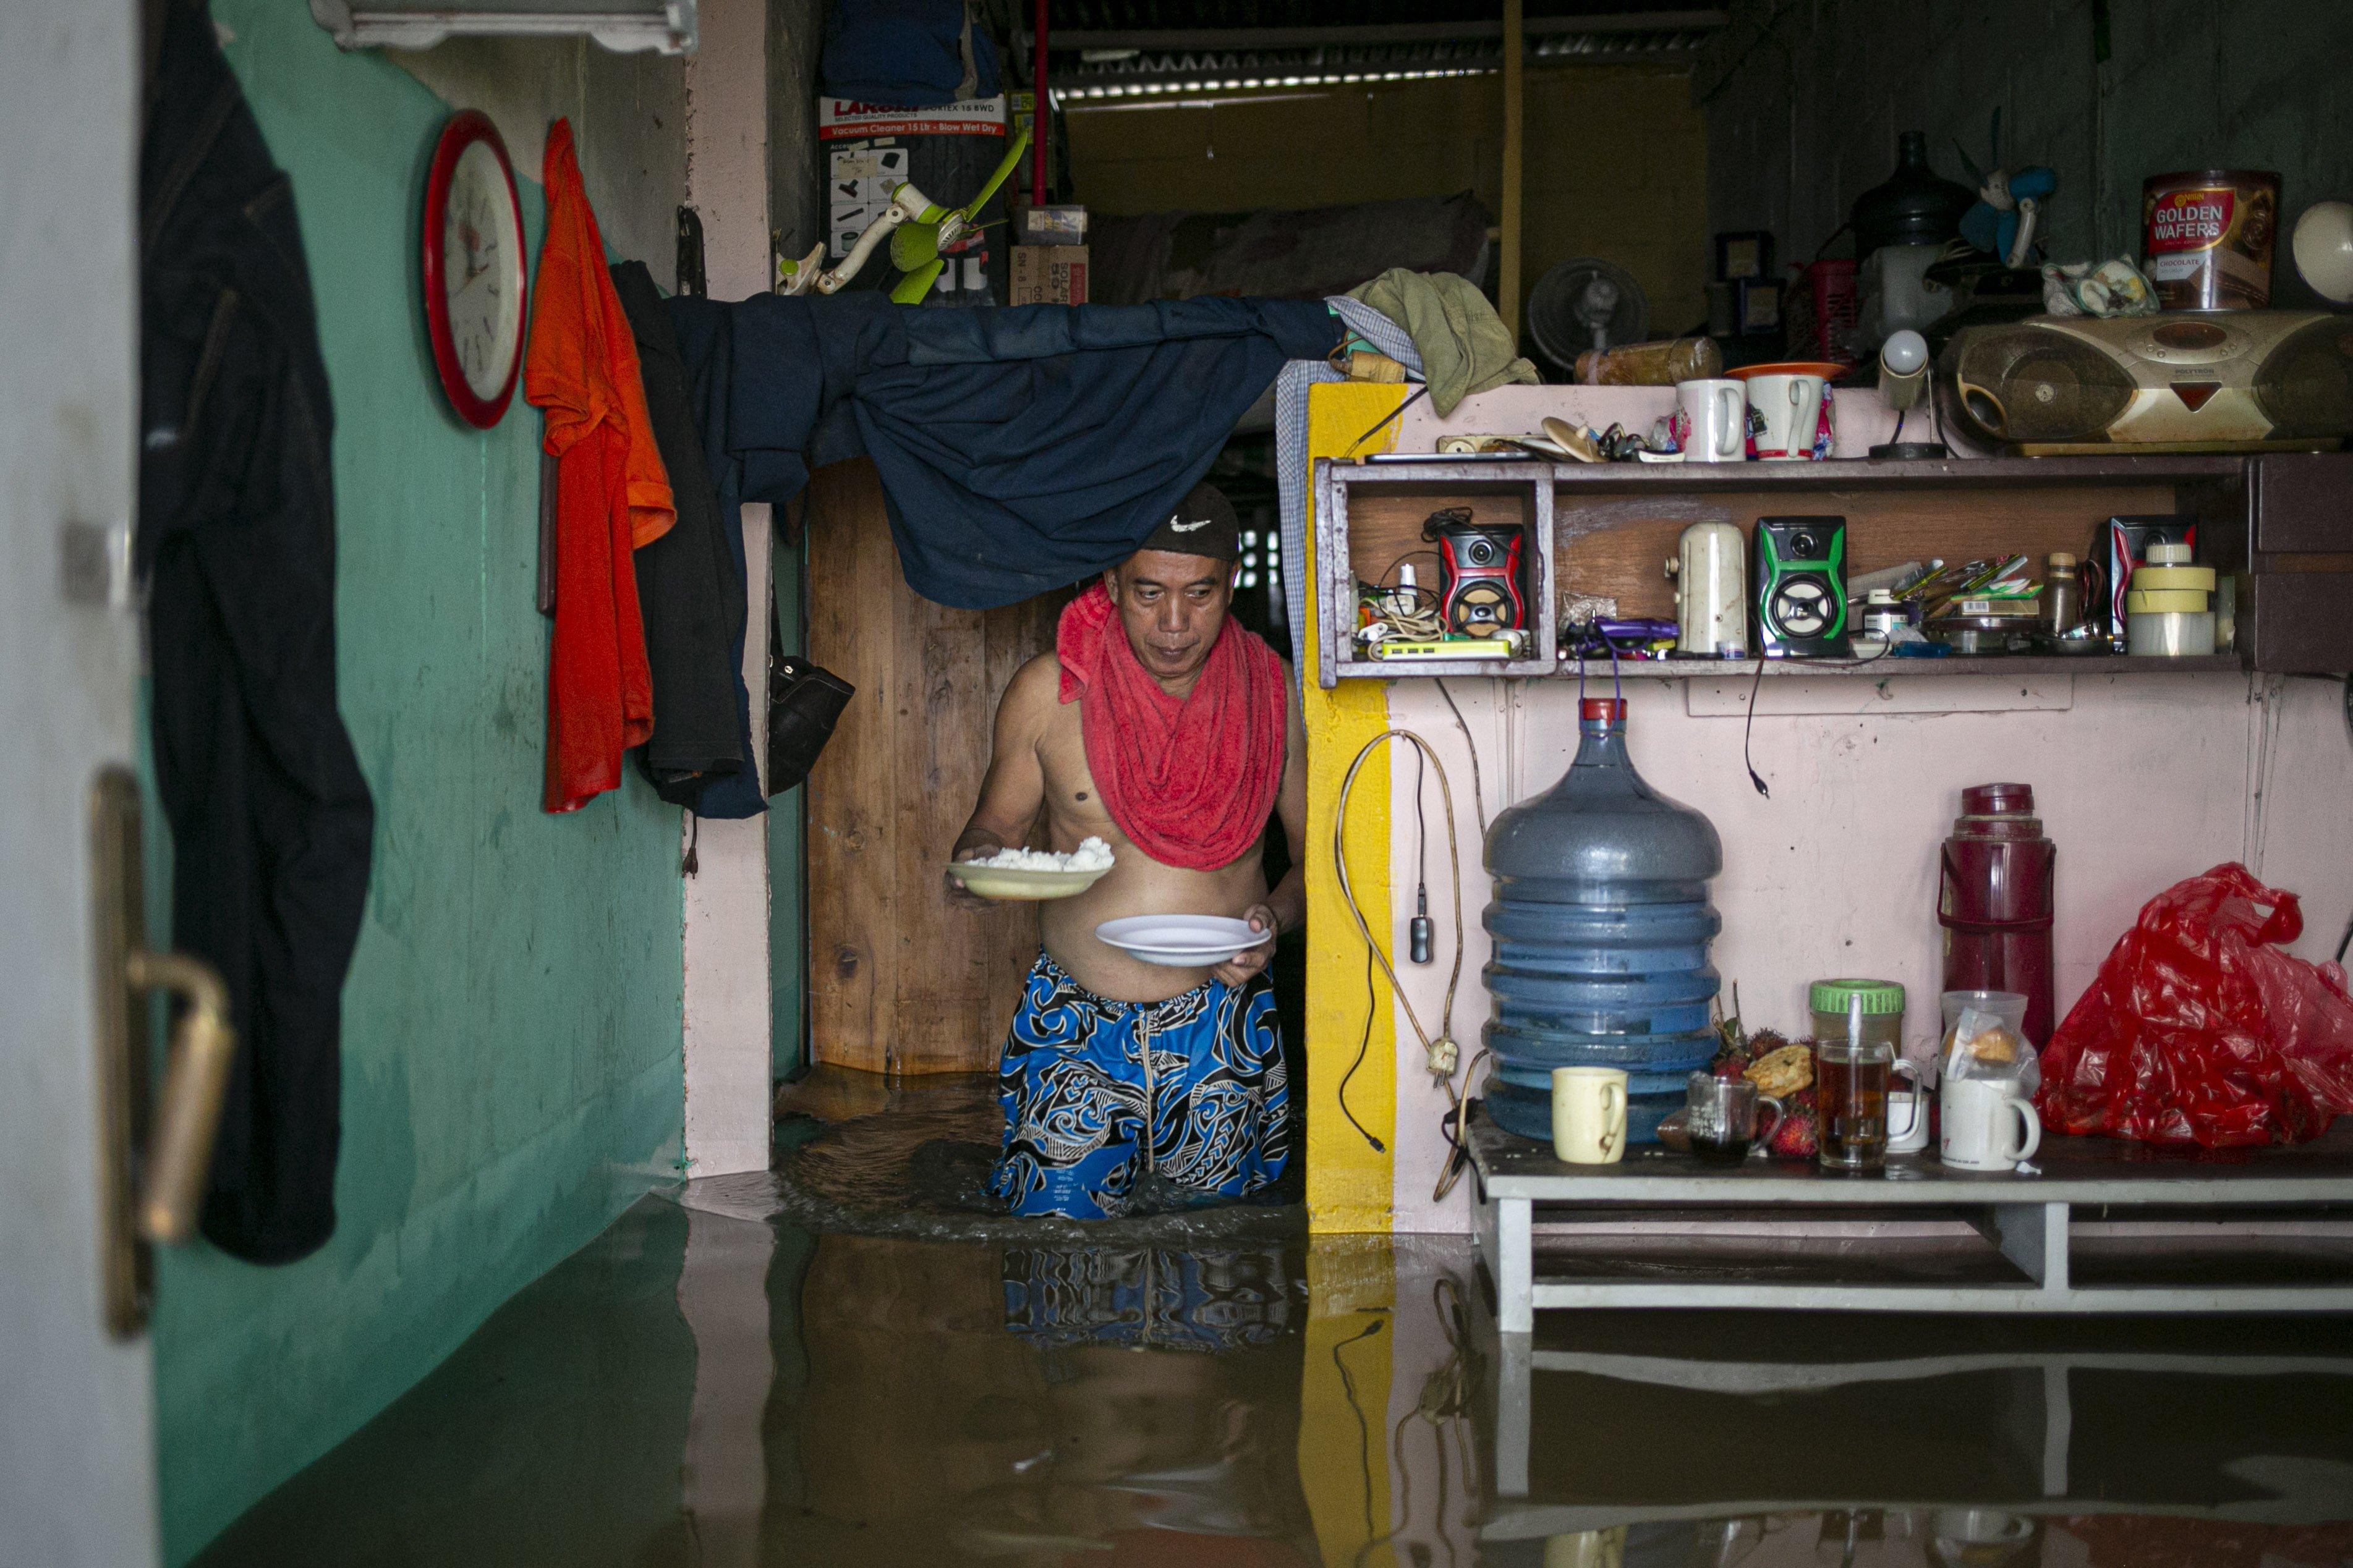 Banjir menggenani rumah warga di kawasan Cipinang Melayu, Jakarta Timur, Jumat (19/2/2021). Banjir di kawasan tersebut akibat curah hujan yang tinggi dan meluapnya air dari Kali Sunter.